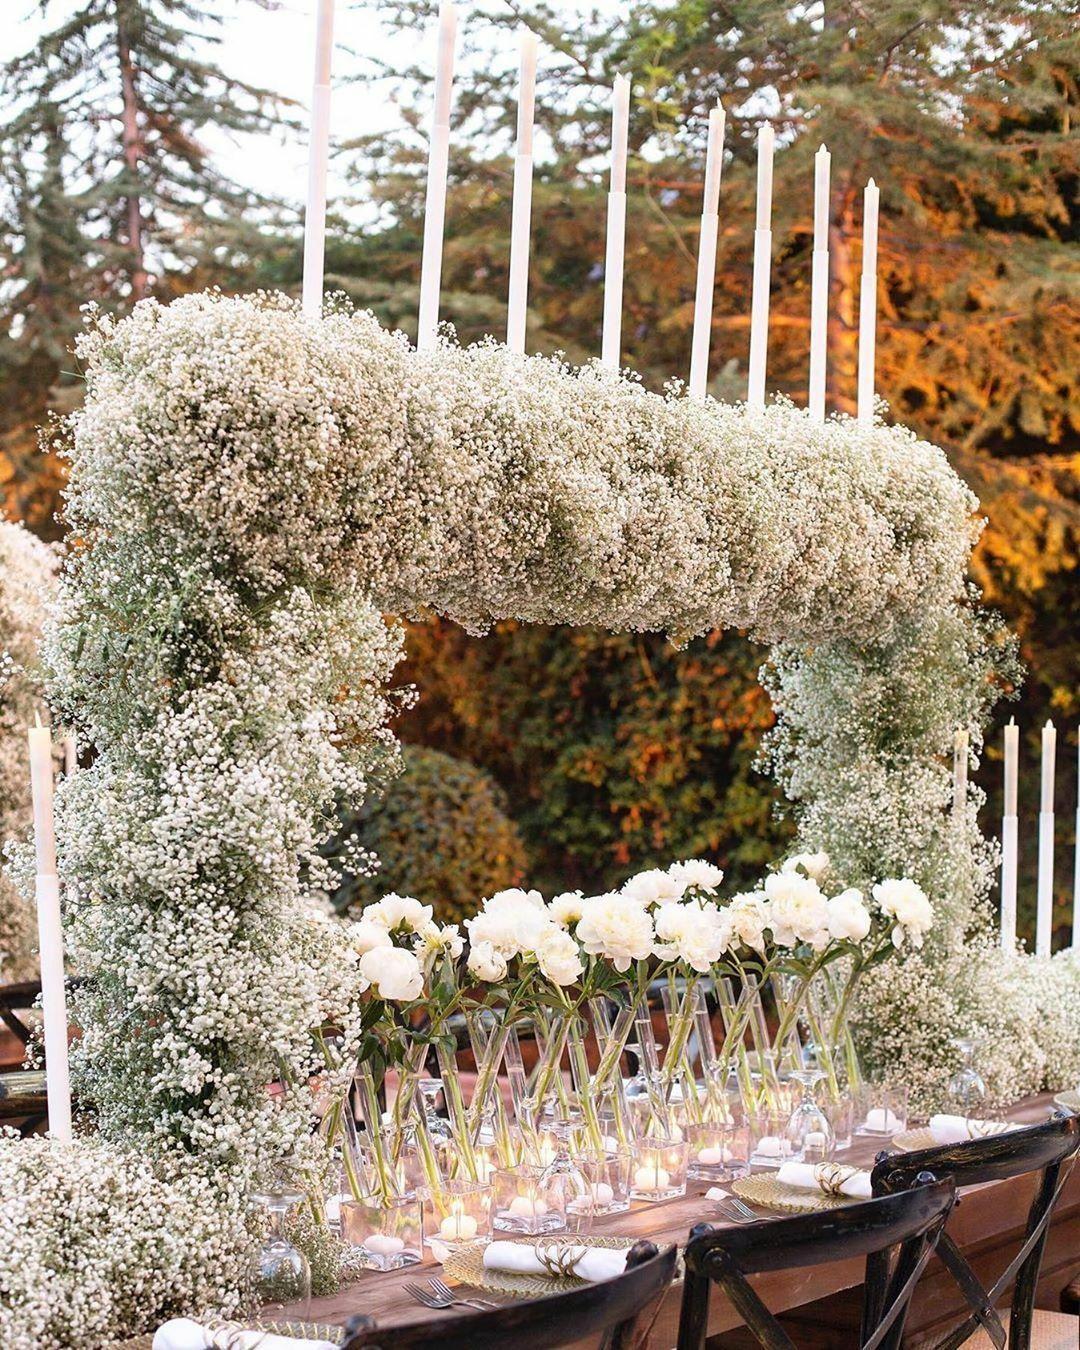 Fiori Babysbreath fiore della decorazione domestica Wedding del partito fai da te mestiere di Scrapbooking Stame ufficio artificiali in lattice decorazione fiori